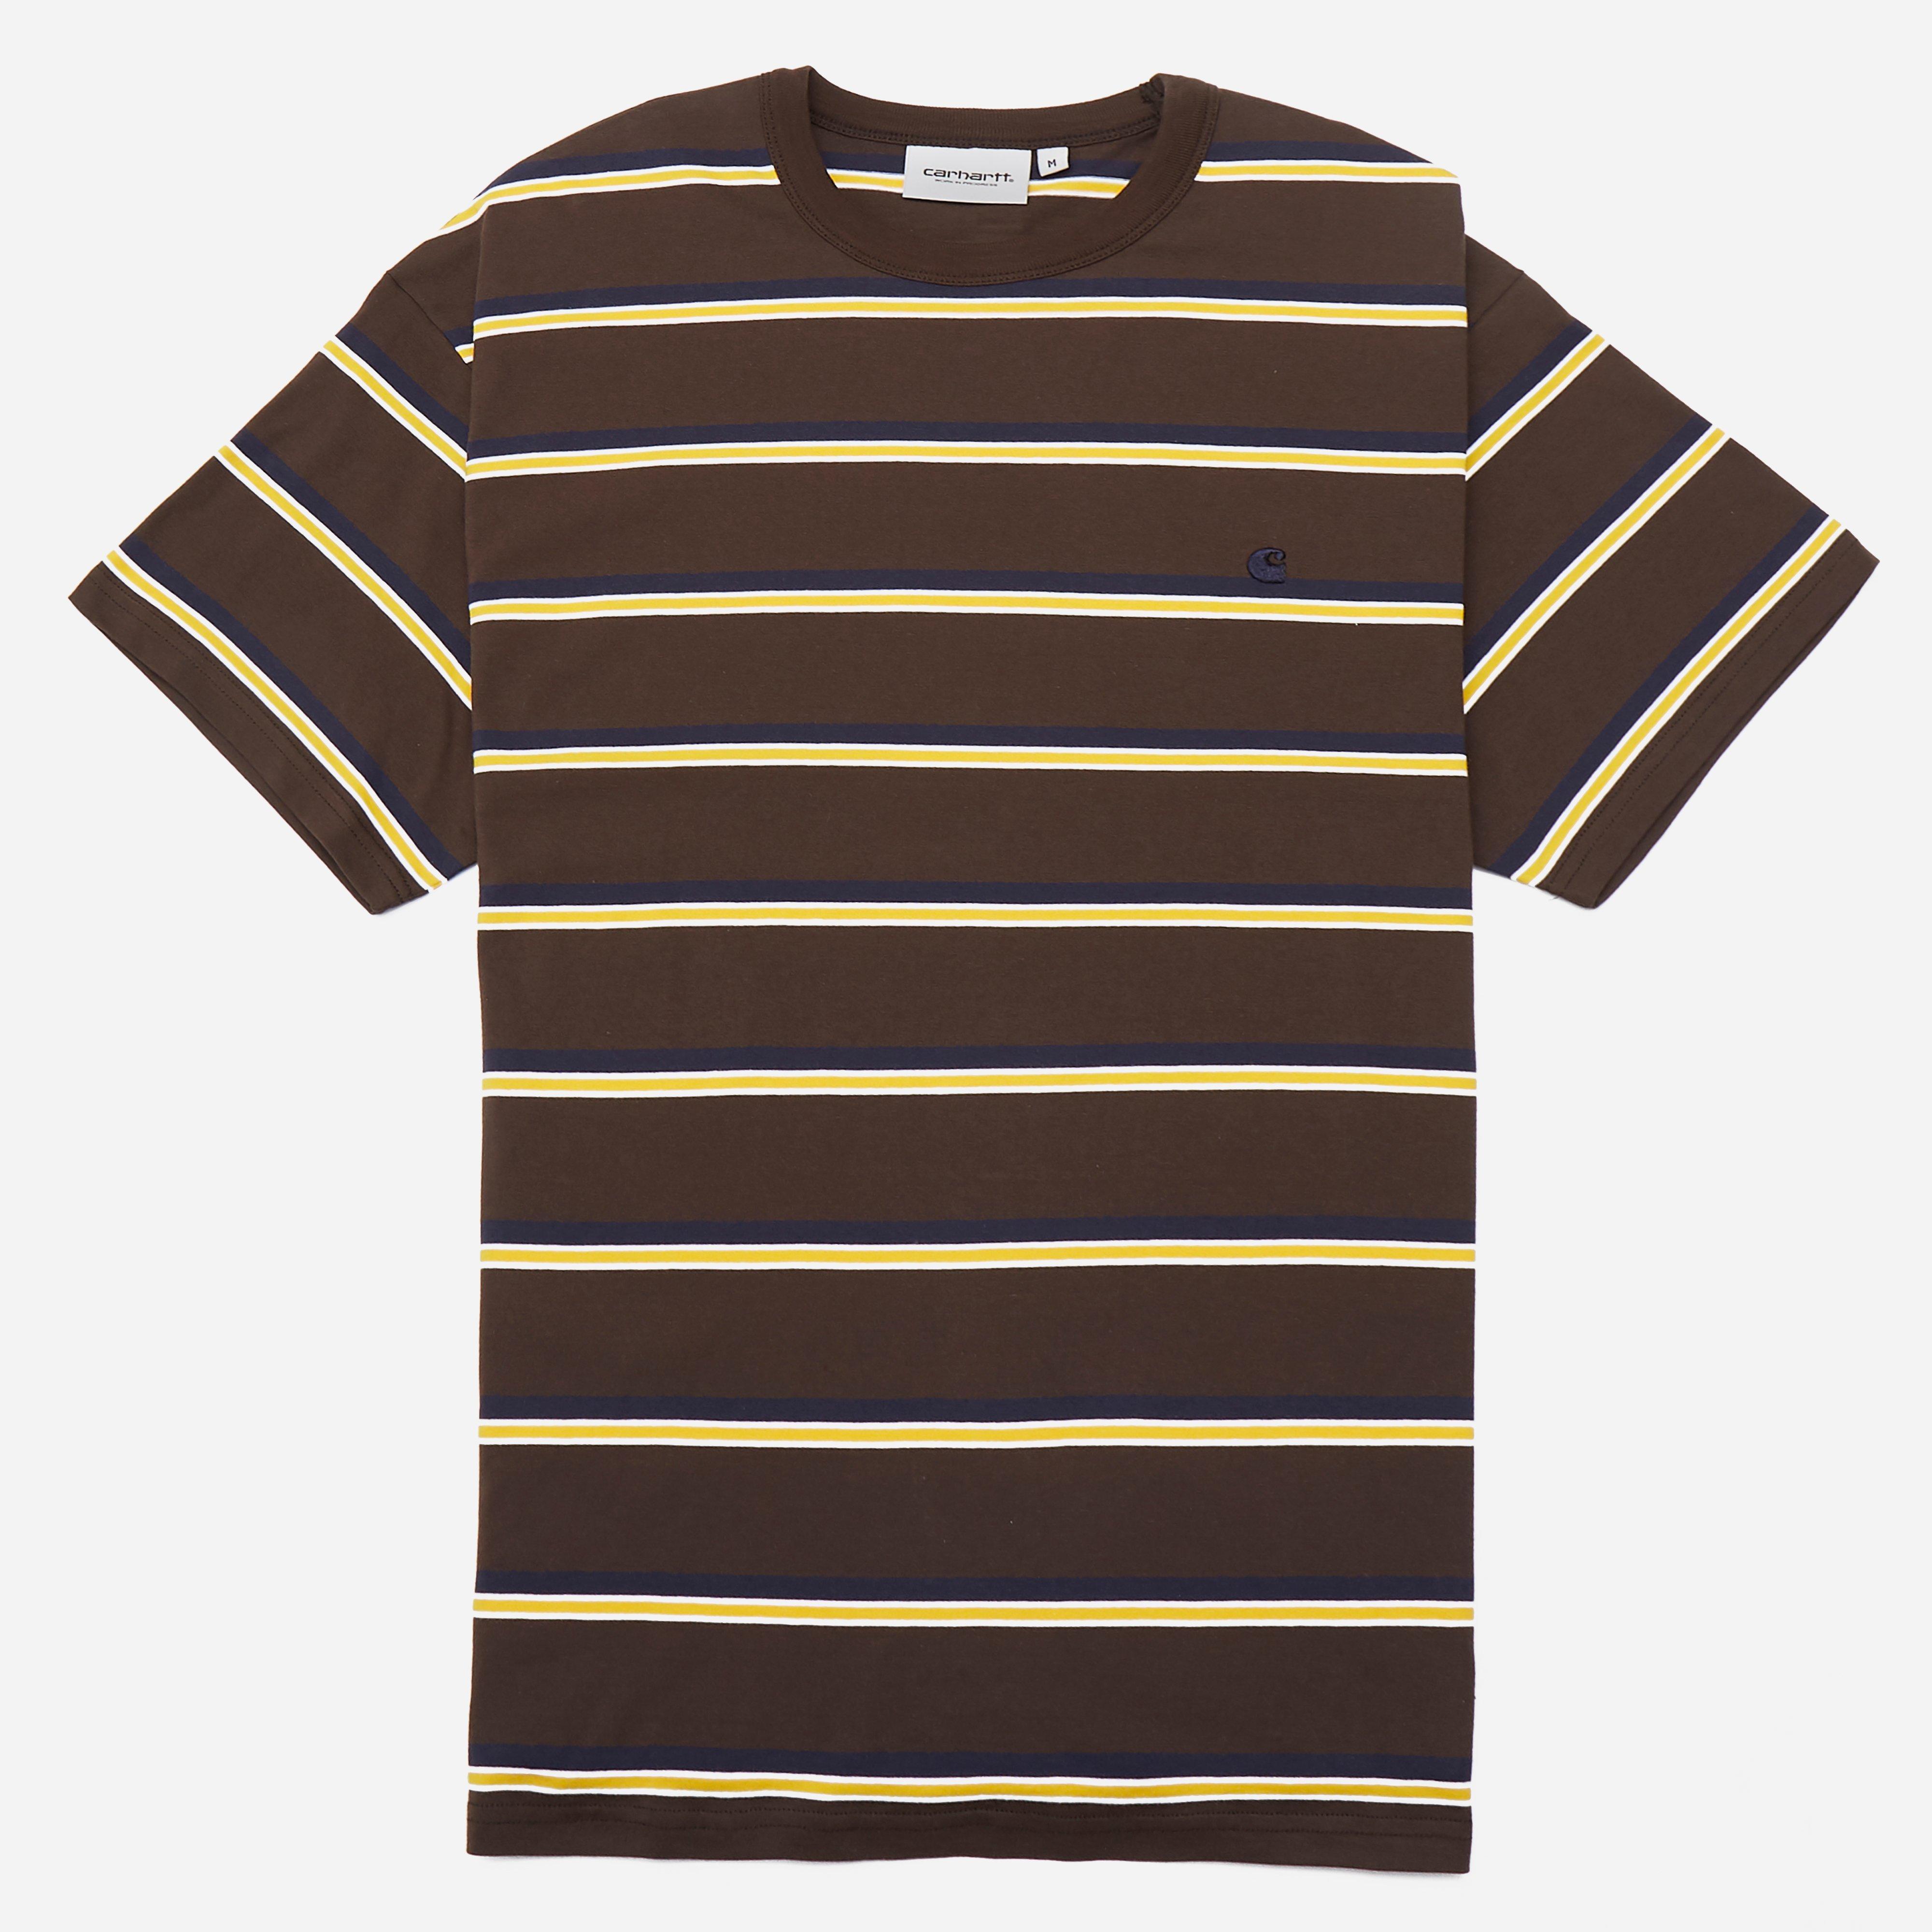 Carhartt Hill T-shirt